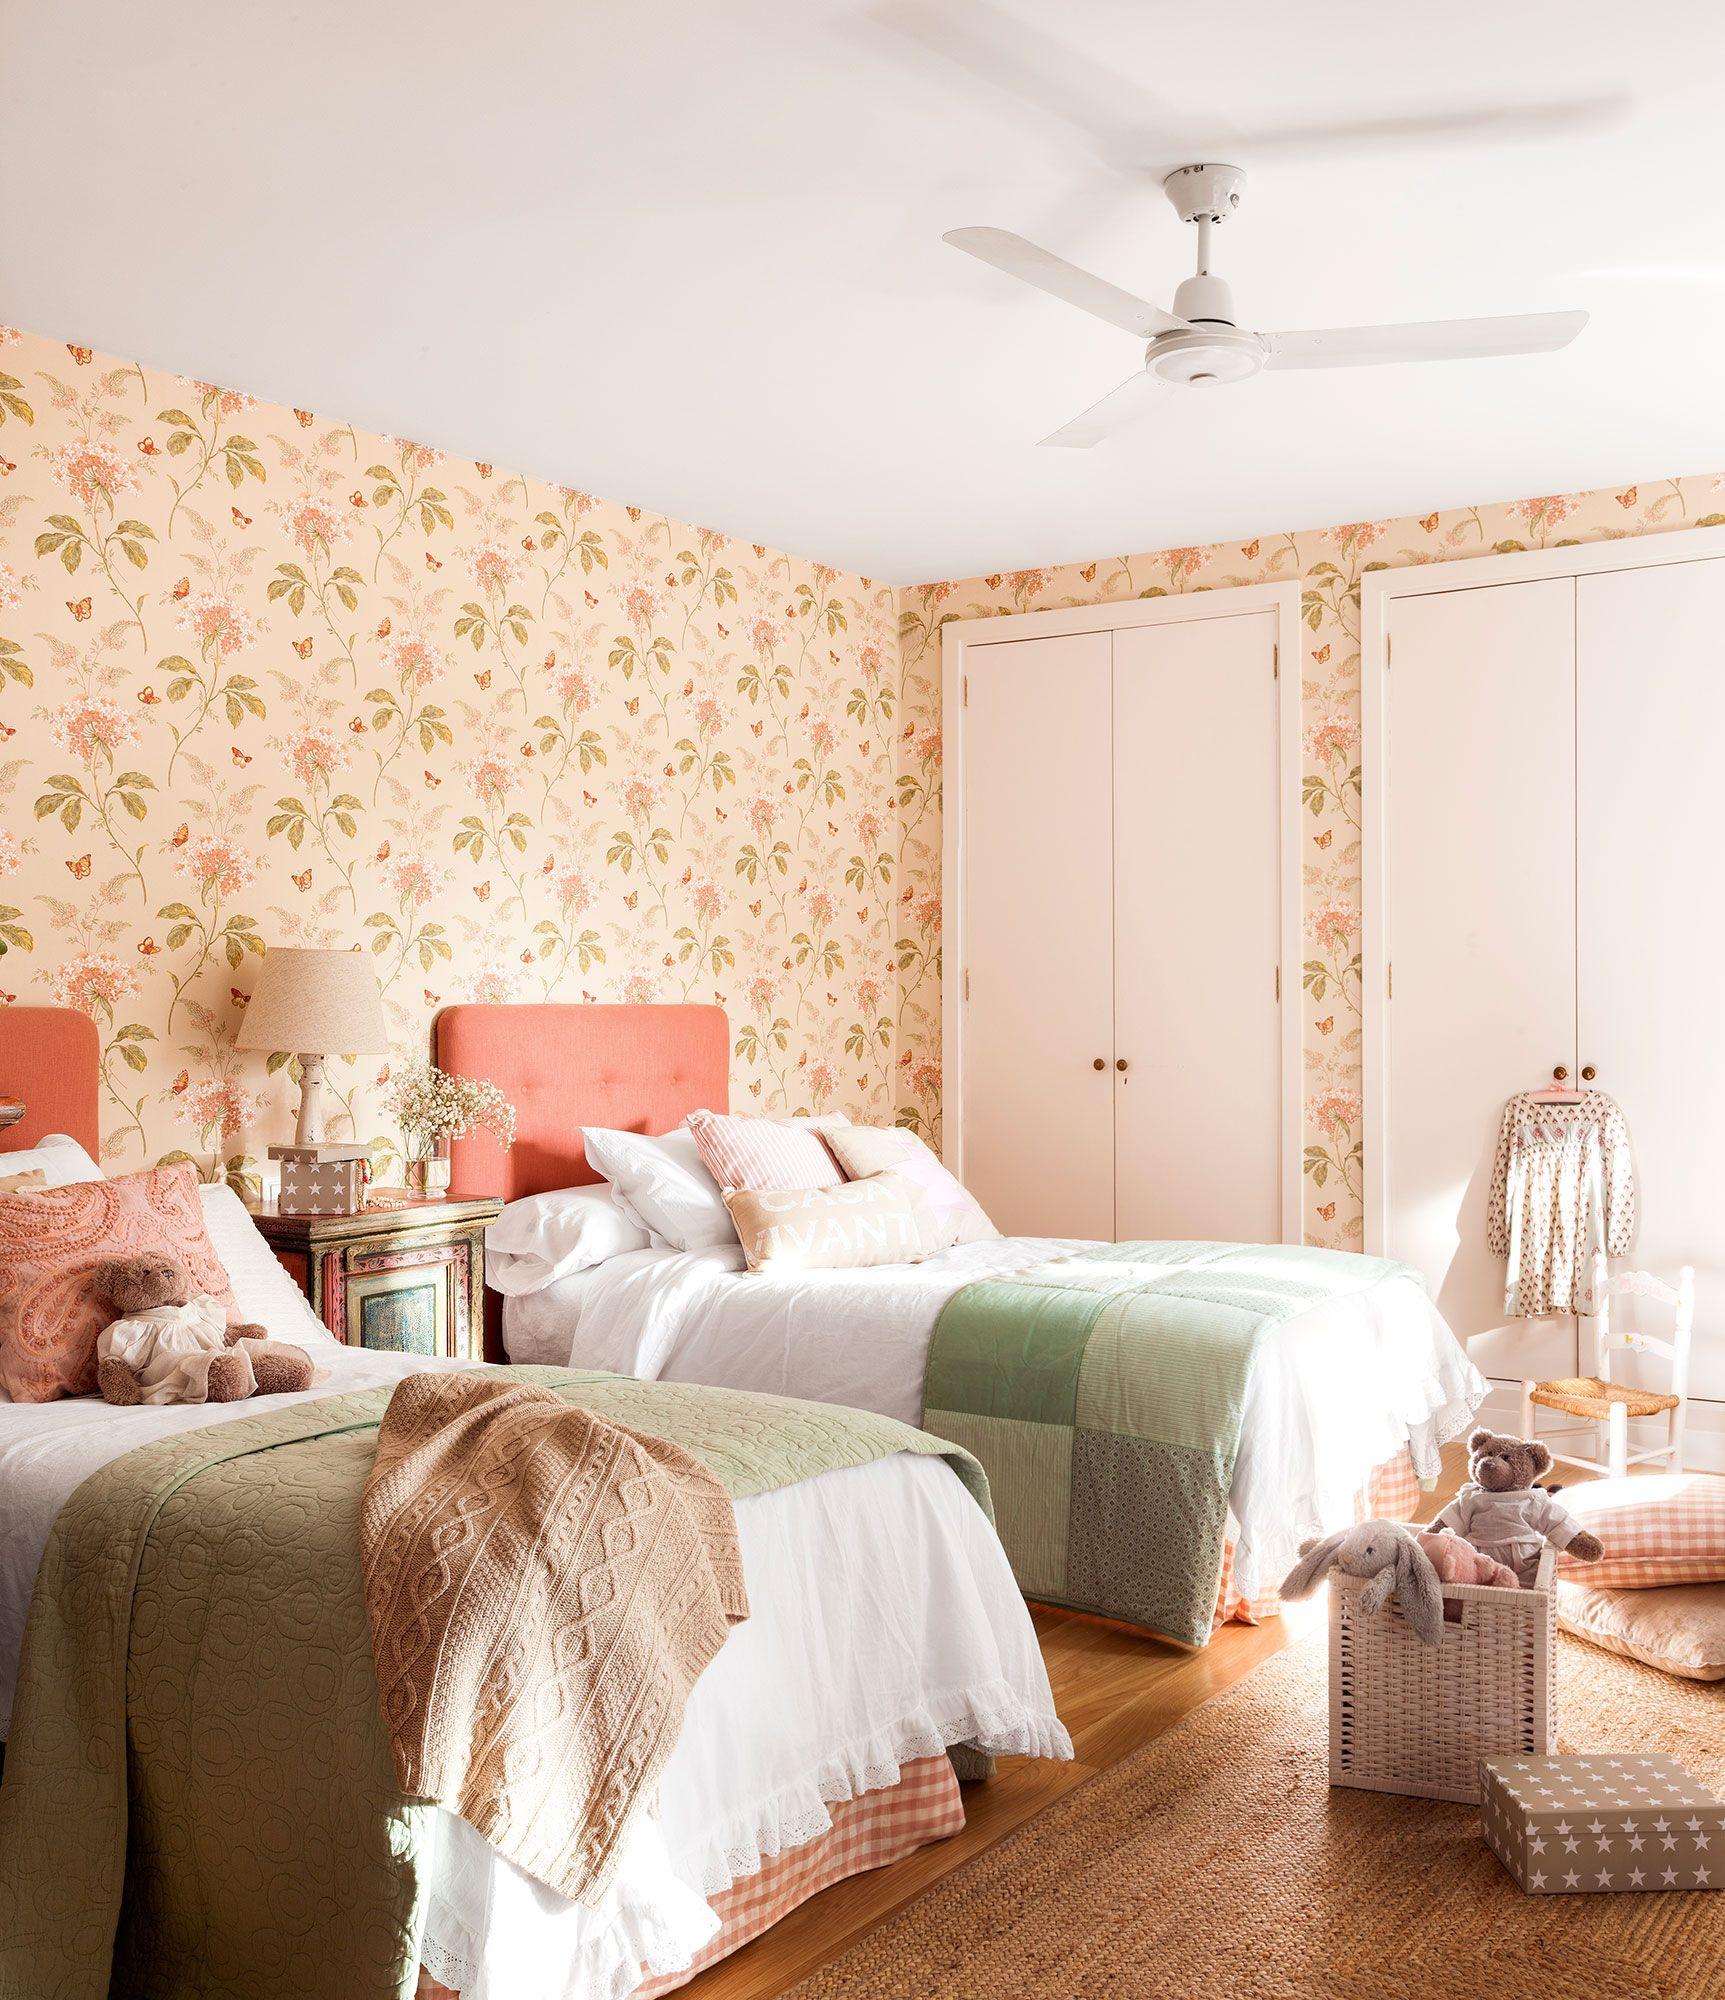 Habitación infantil con dos camas y papel pintado_421017 ...